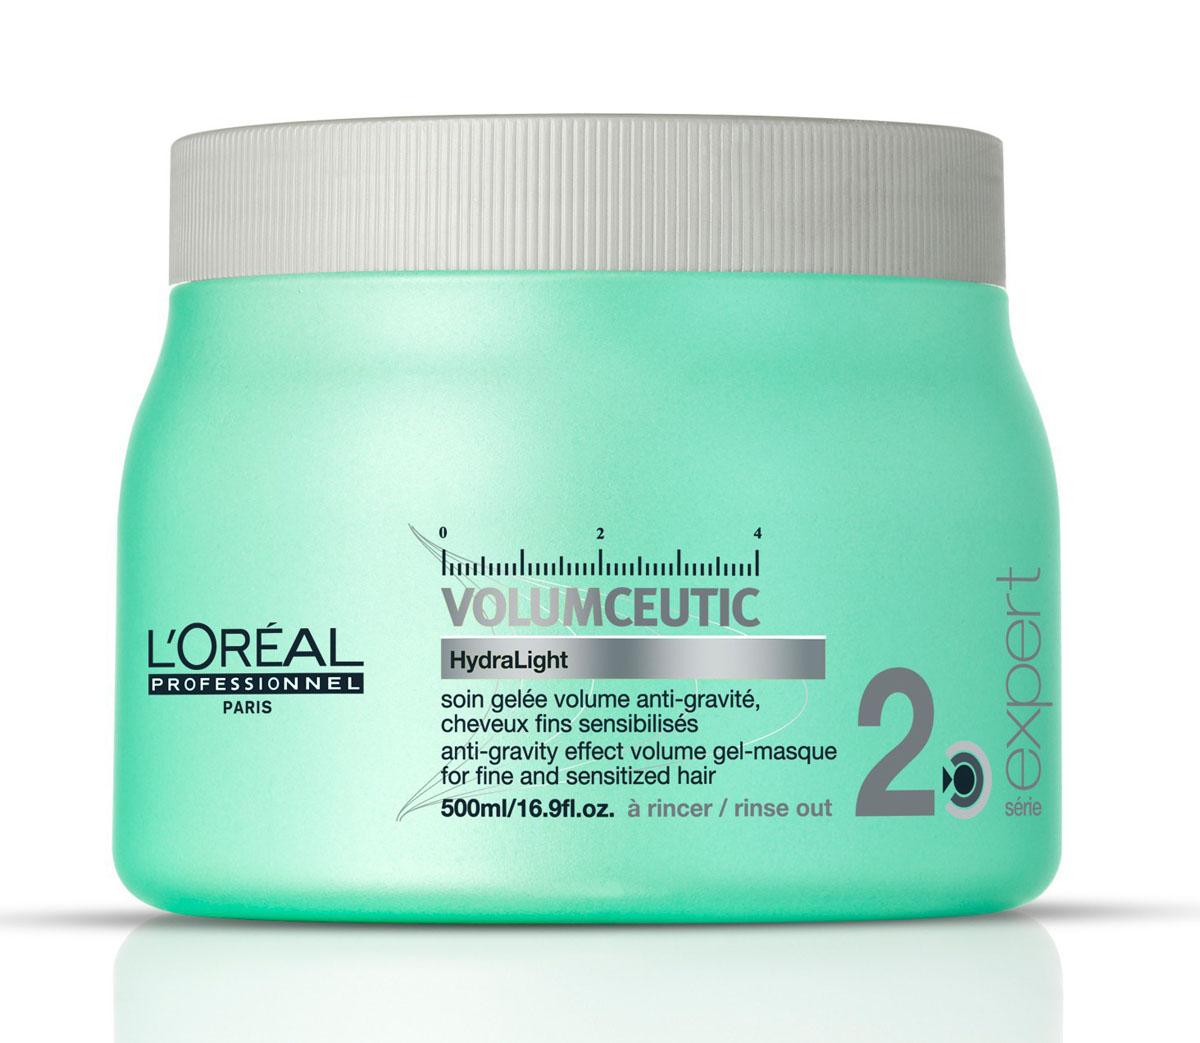 LOreal Professionnel Expert Volumceutic - Гель-маска для придания объема 500 млE0527829Гель-маска не только придаст объем вашим волосам, но и напитает их витаминами, подарив блеск и гладкость. Входящие в состав маски компоненты снимают статическое электричество, придавая волосам жизненную силу и легкость. Волосы легко укладываются в прическу